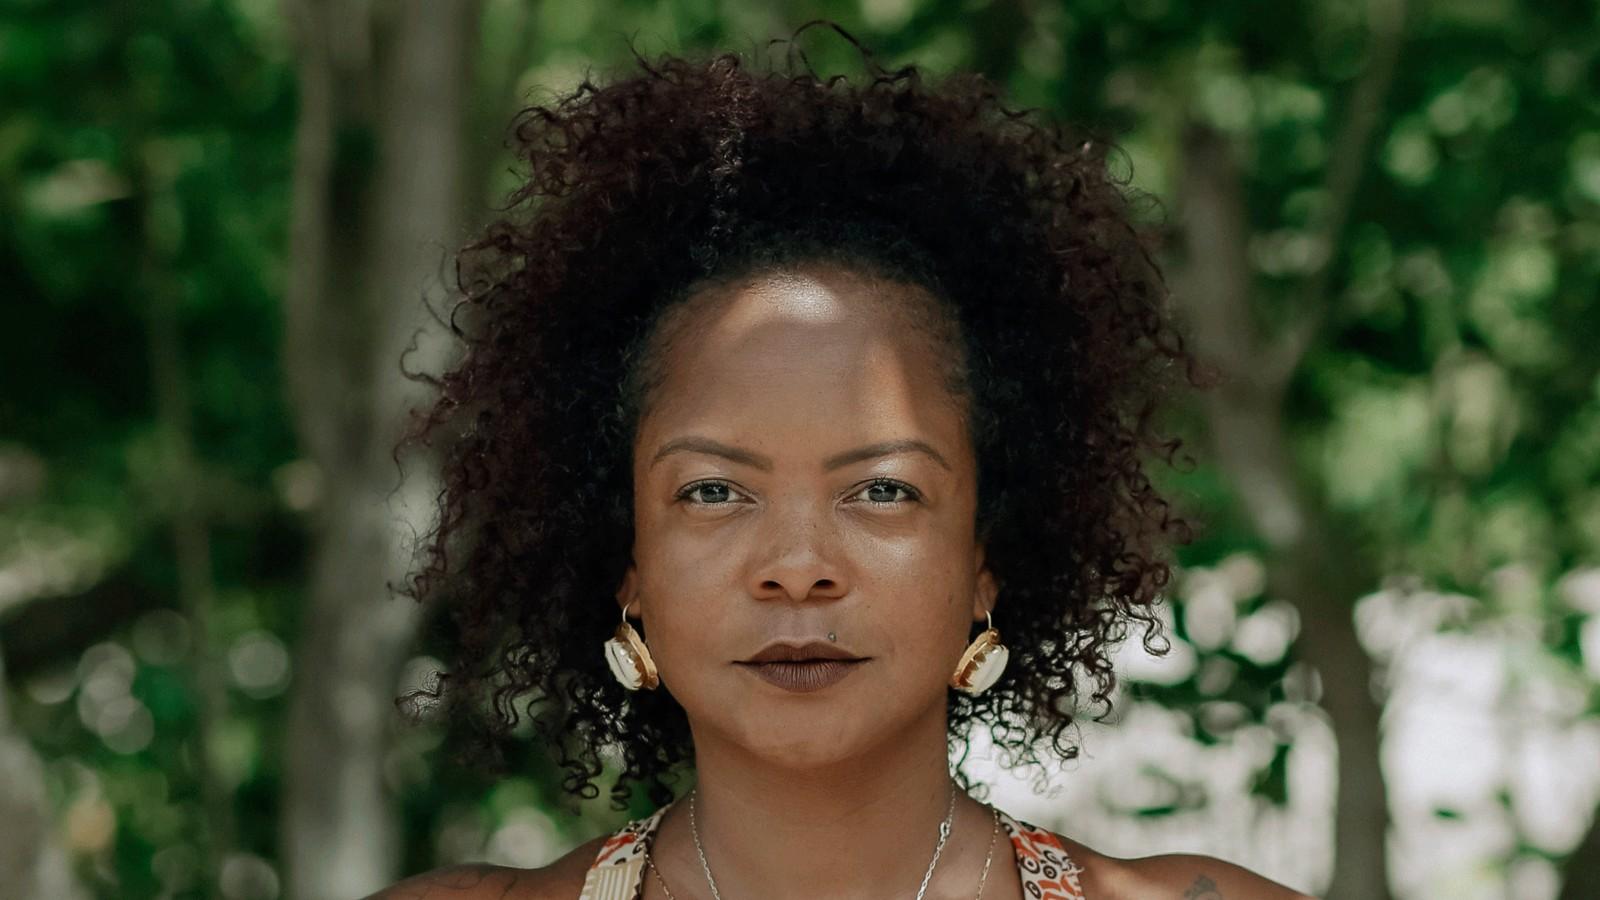 Lívia Natáli - mulher negra de cabelo cacheado, usando camiseta colorida e batom marrom - em pé olhando para frente